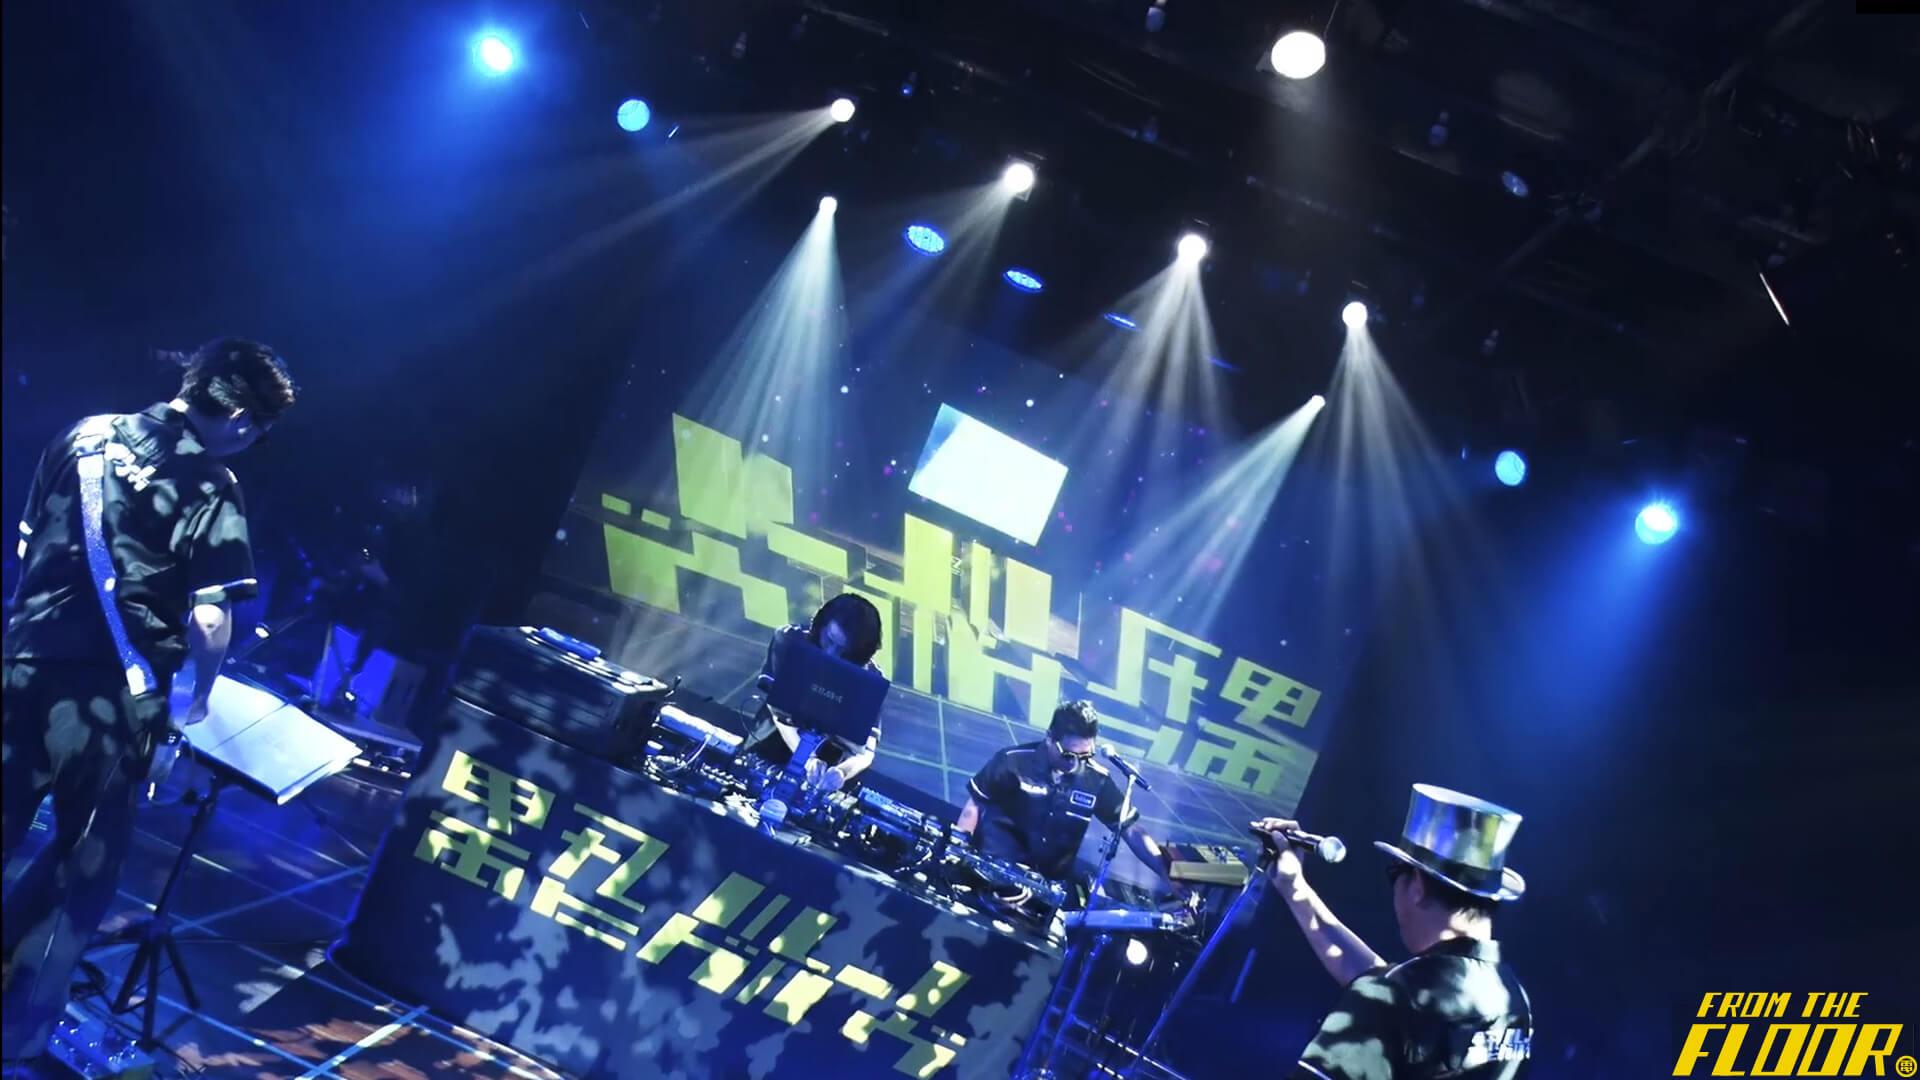 """電気グルーヴのファンクラブ限定ライブで披露された""""Set you Free""""のライブ映像がYouTubeにて公開!ライブ開催記念グッズも発売中 music201209_denkigroove_3"""